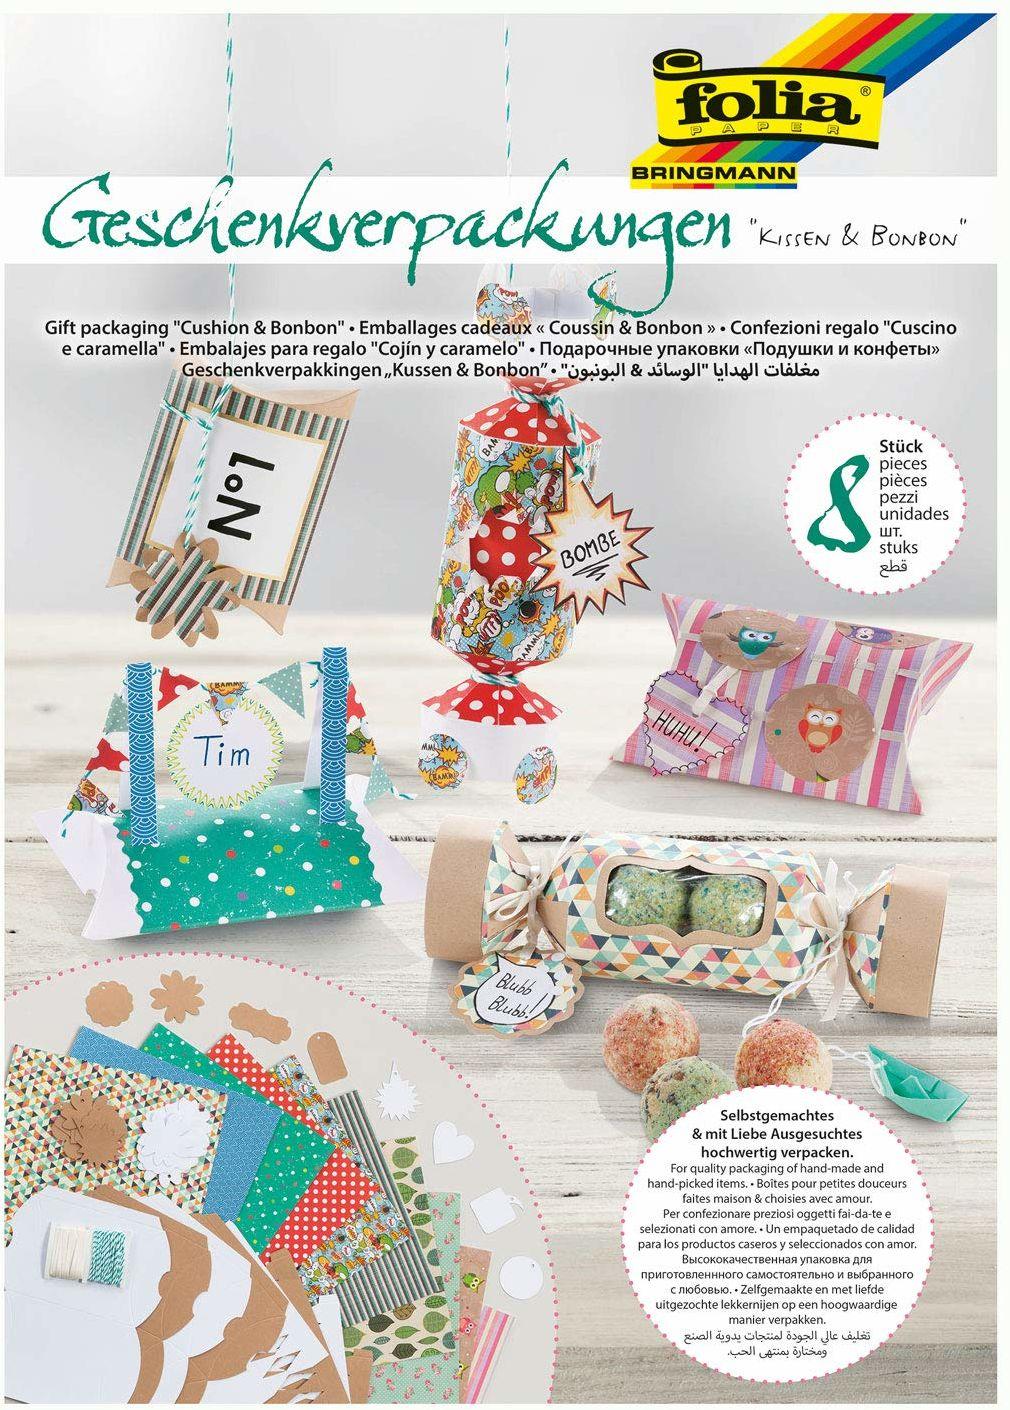 Folia 974  pudełka prezentowe poduszki i cukierki, 42-częściowy zestaw do pakowania prezentów, 2 wstępnie wytłoczone modele pudełek na 8 pudełek prezentowych